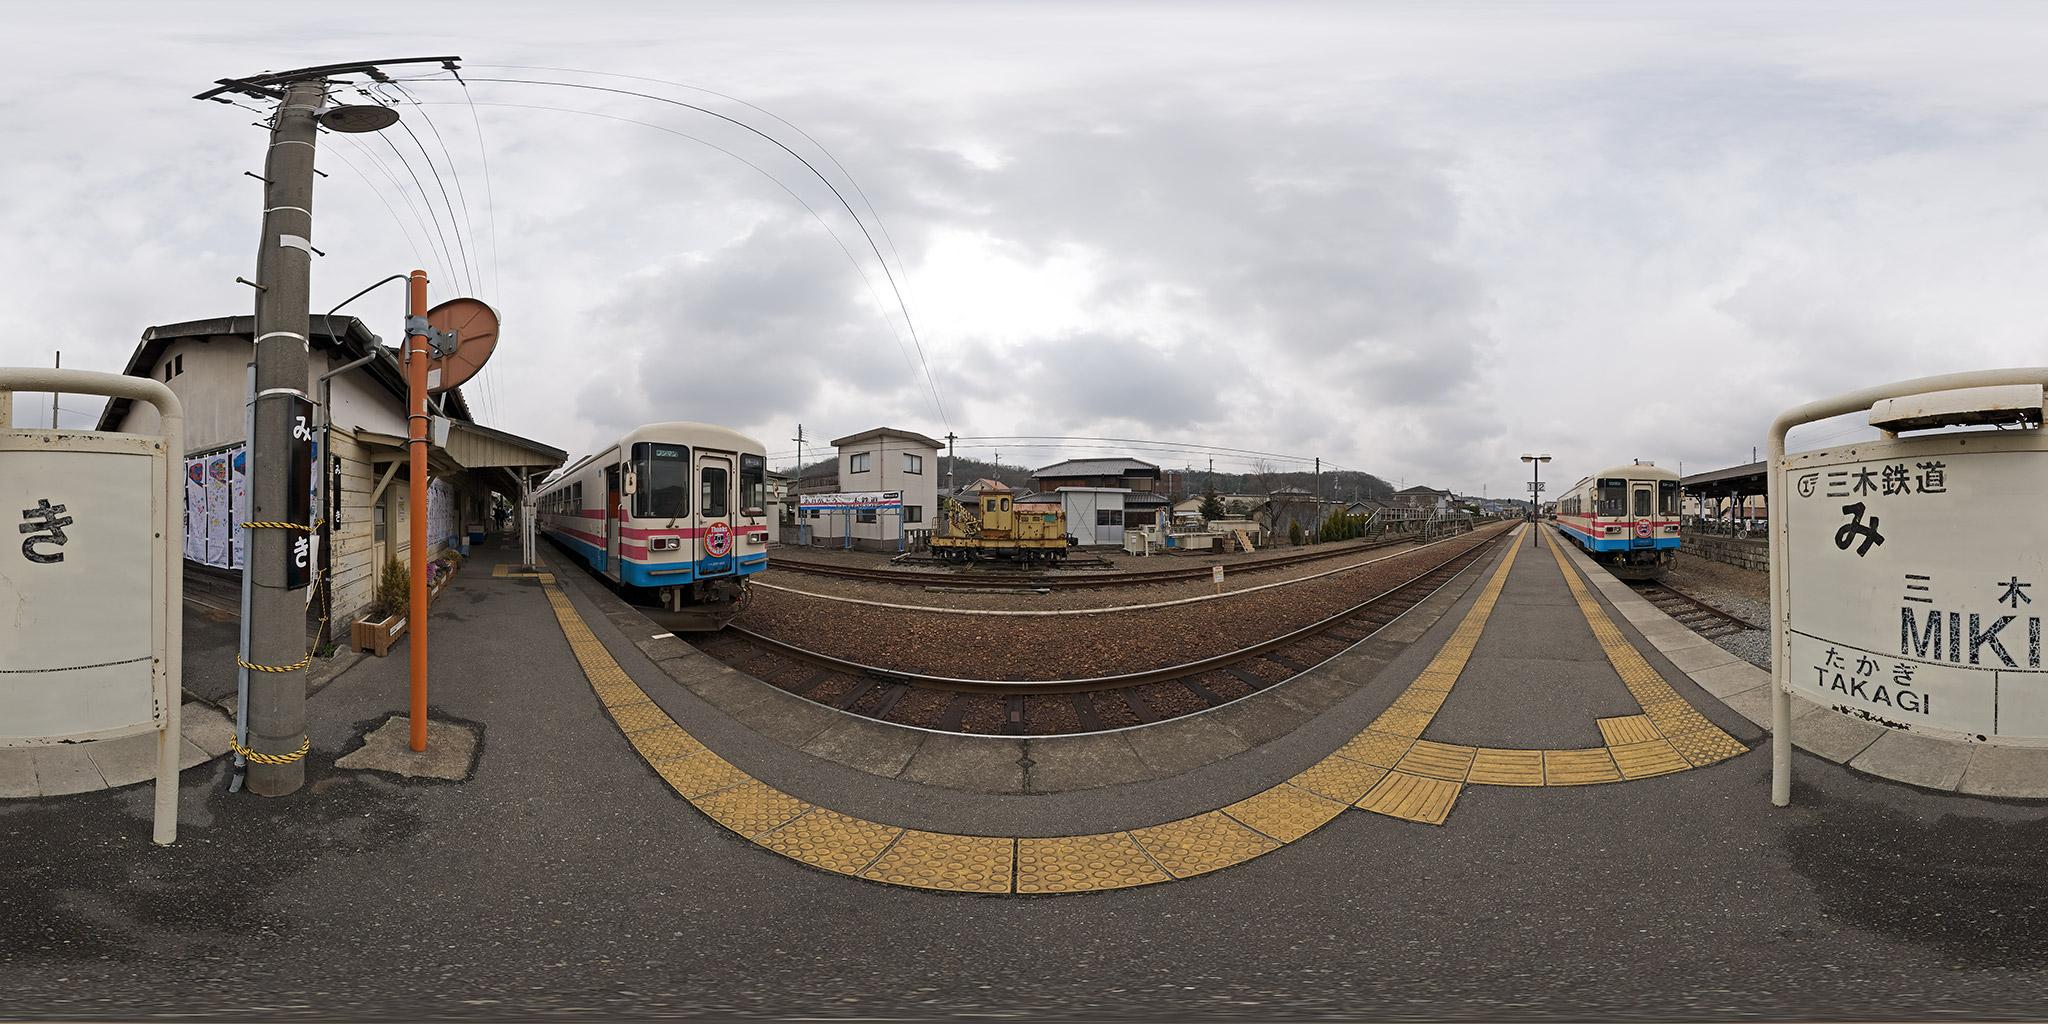 三木鉄道三木駅。ミキ300-103とミキ300-105